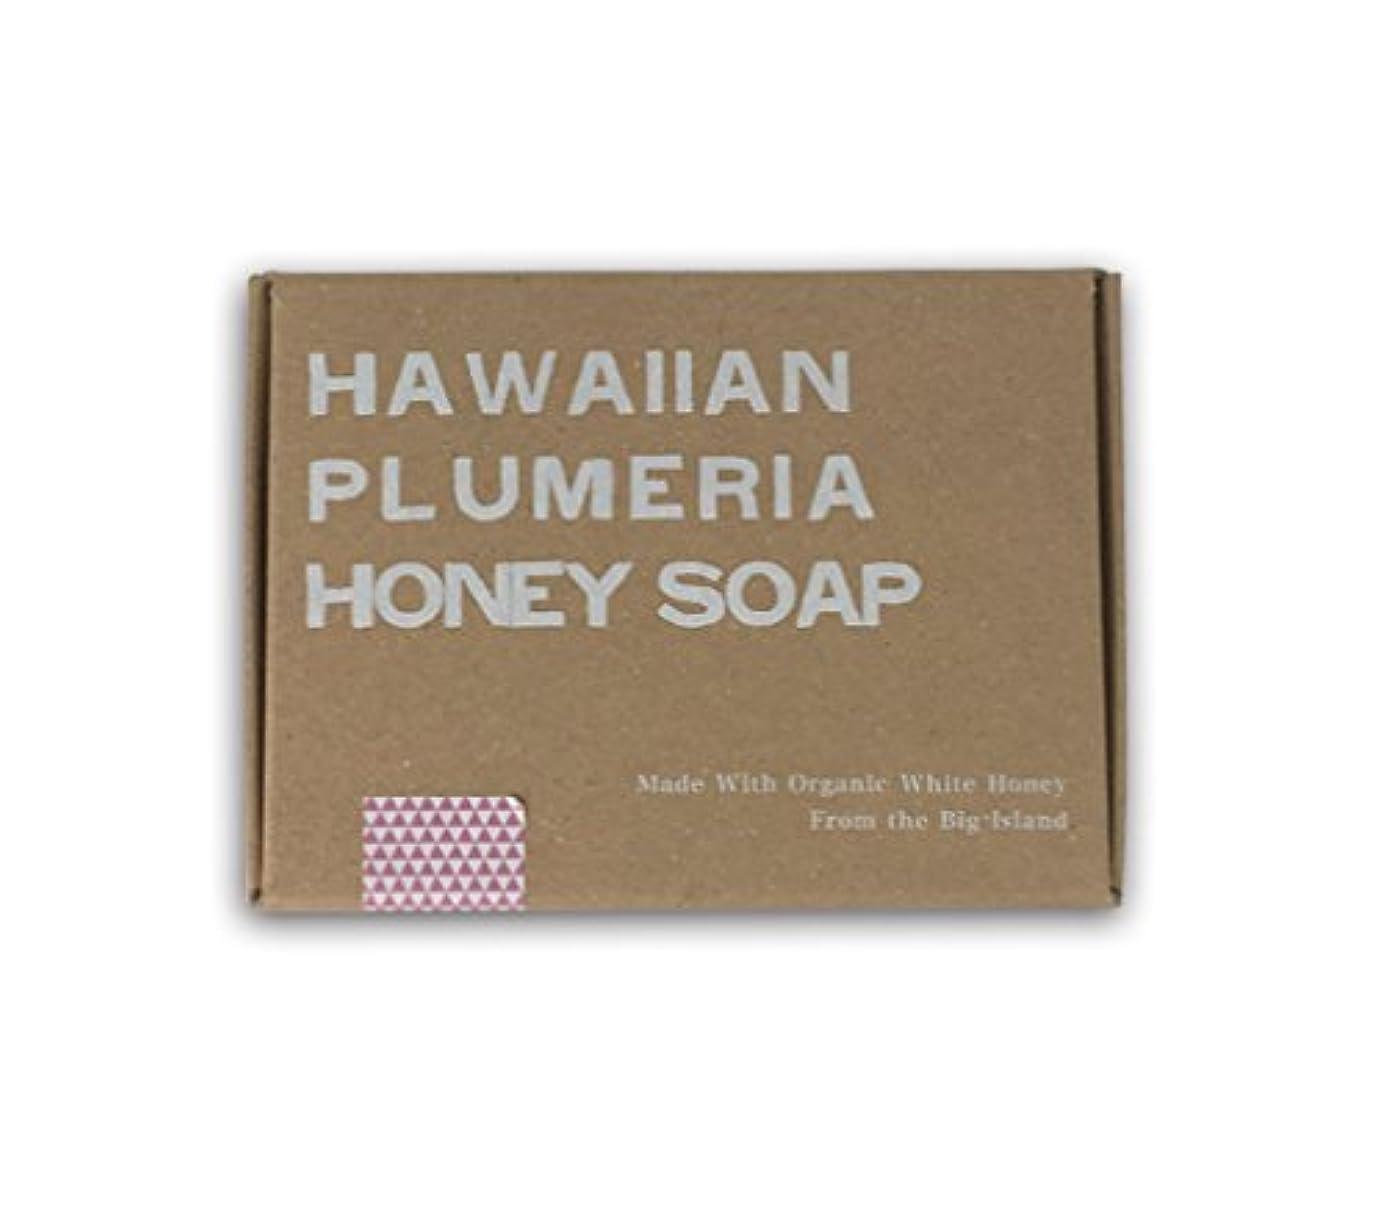 暖かく戦うパイルホワイトハニーオーガニクス ハワイアン?プルメリア?ハニーソープ (Hawaiian Plumeria Honey Soap)